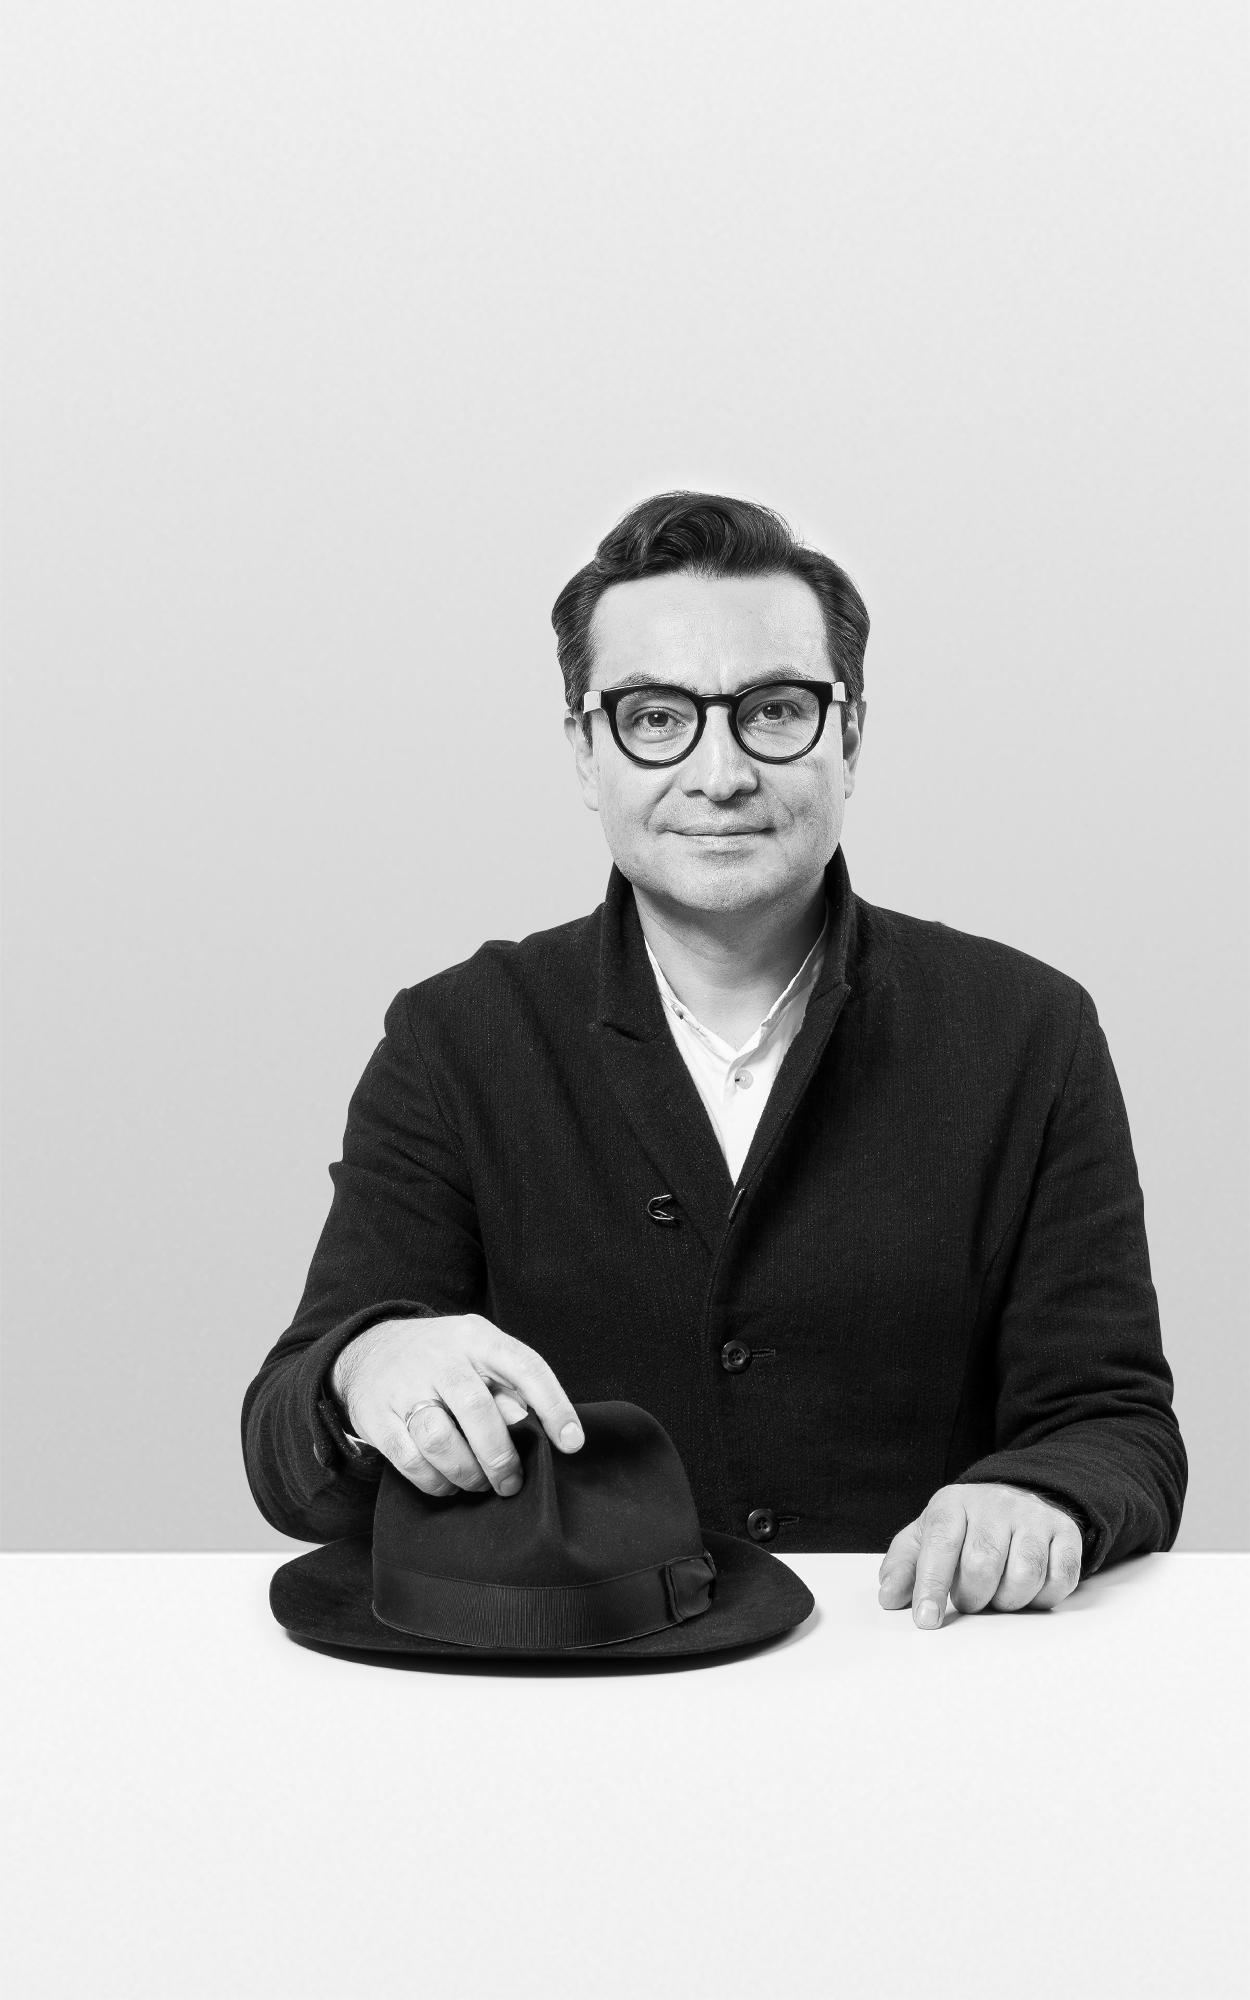 Tomás Contreras